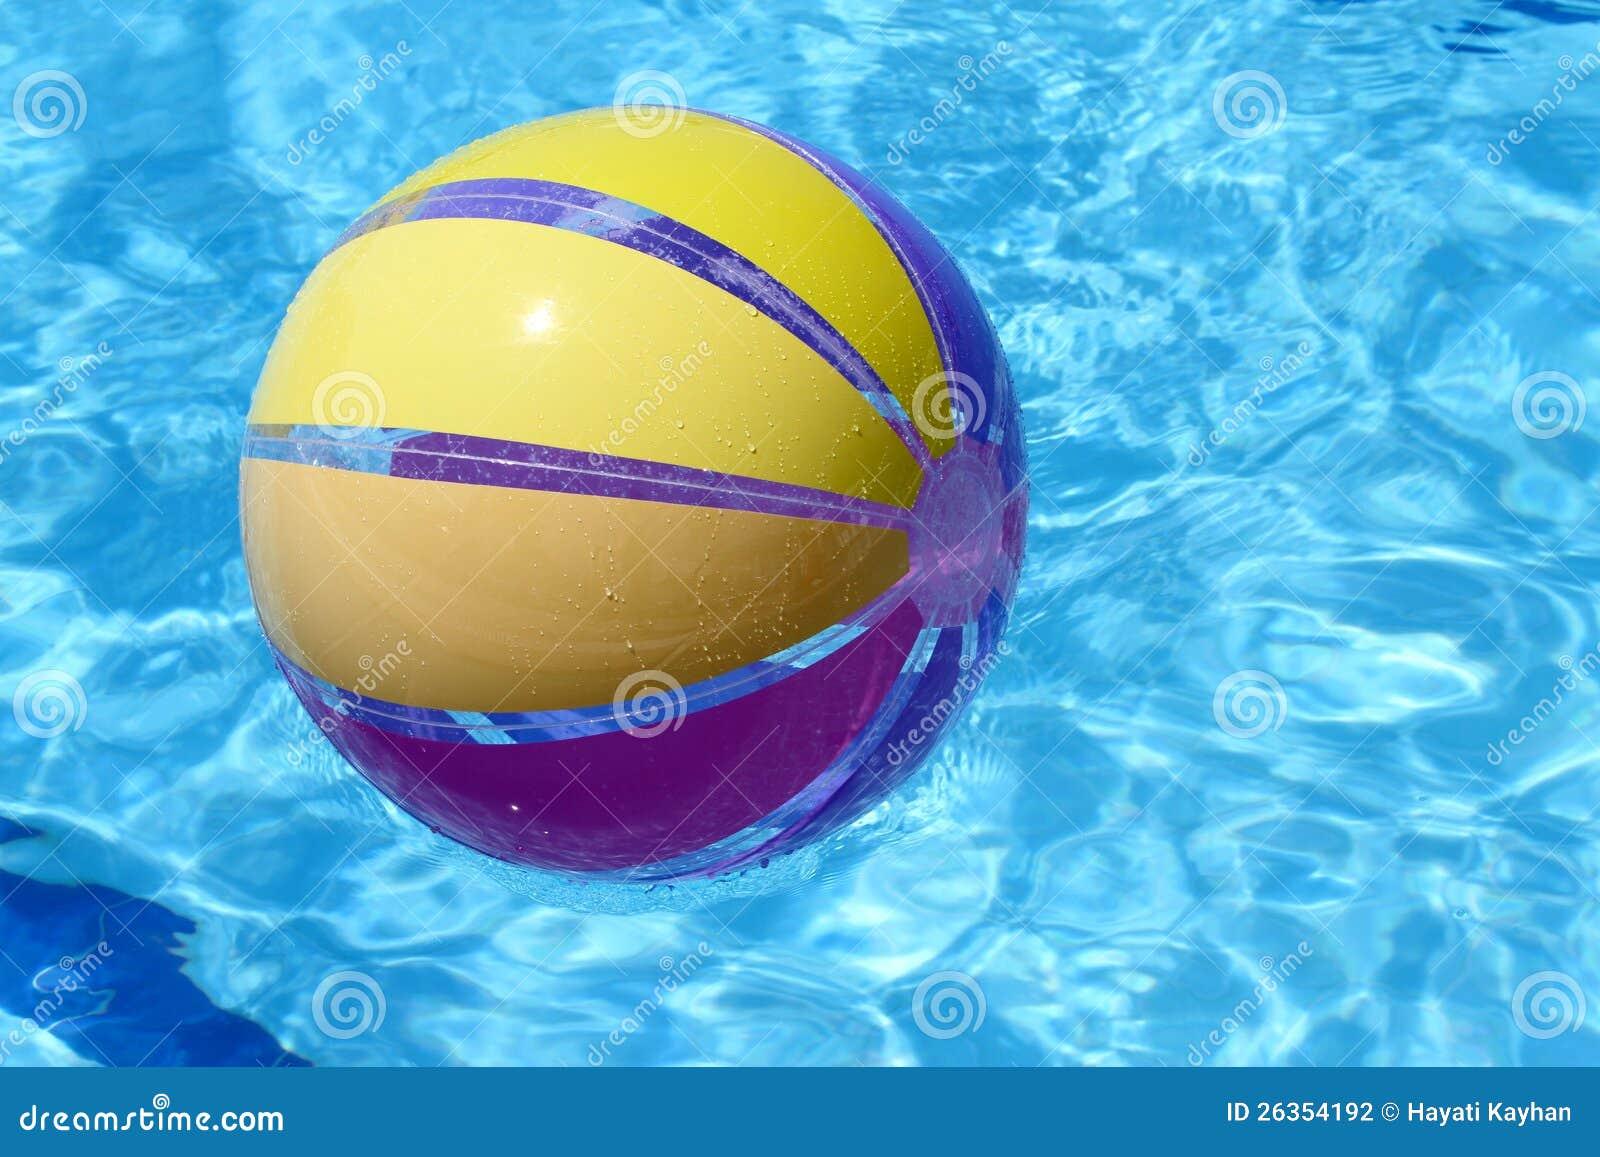 Beachball und Schwimmbad.